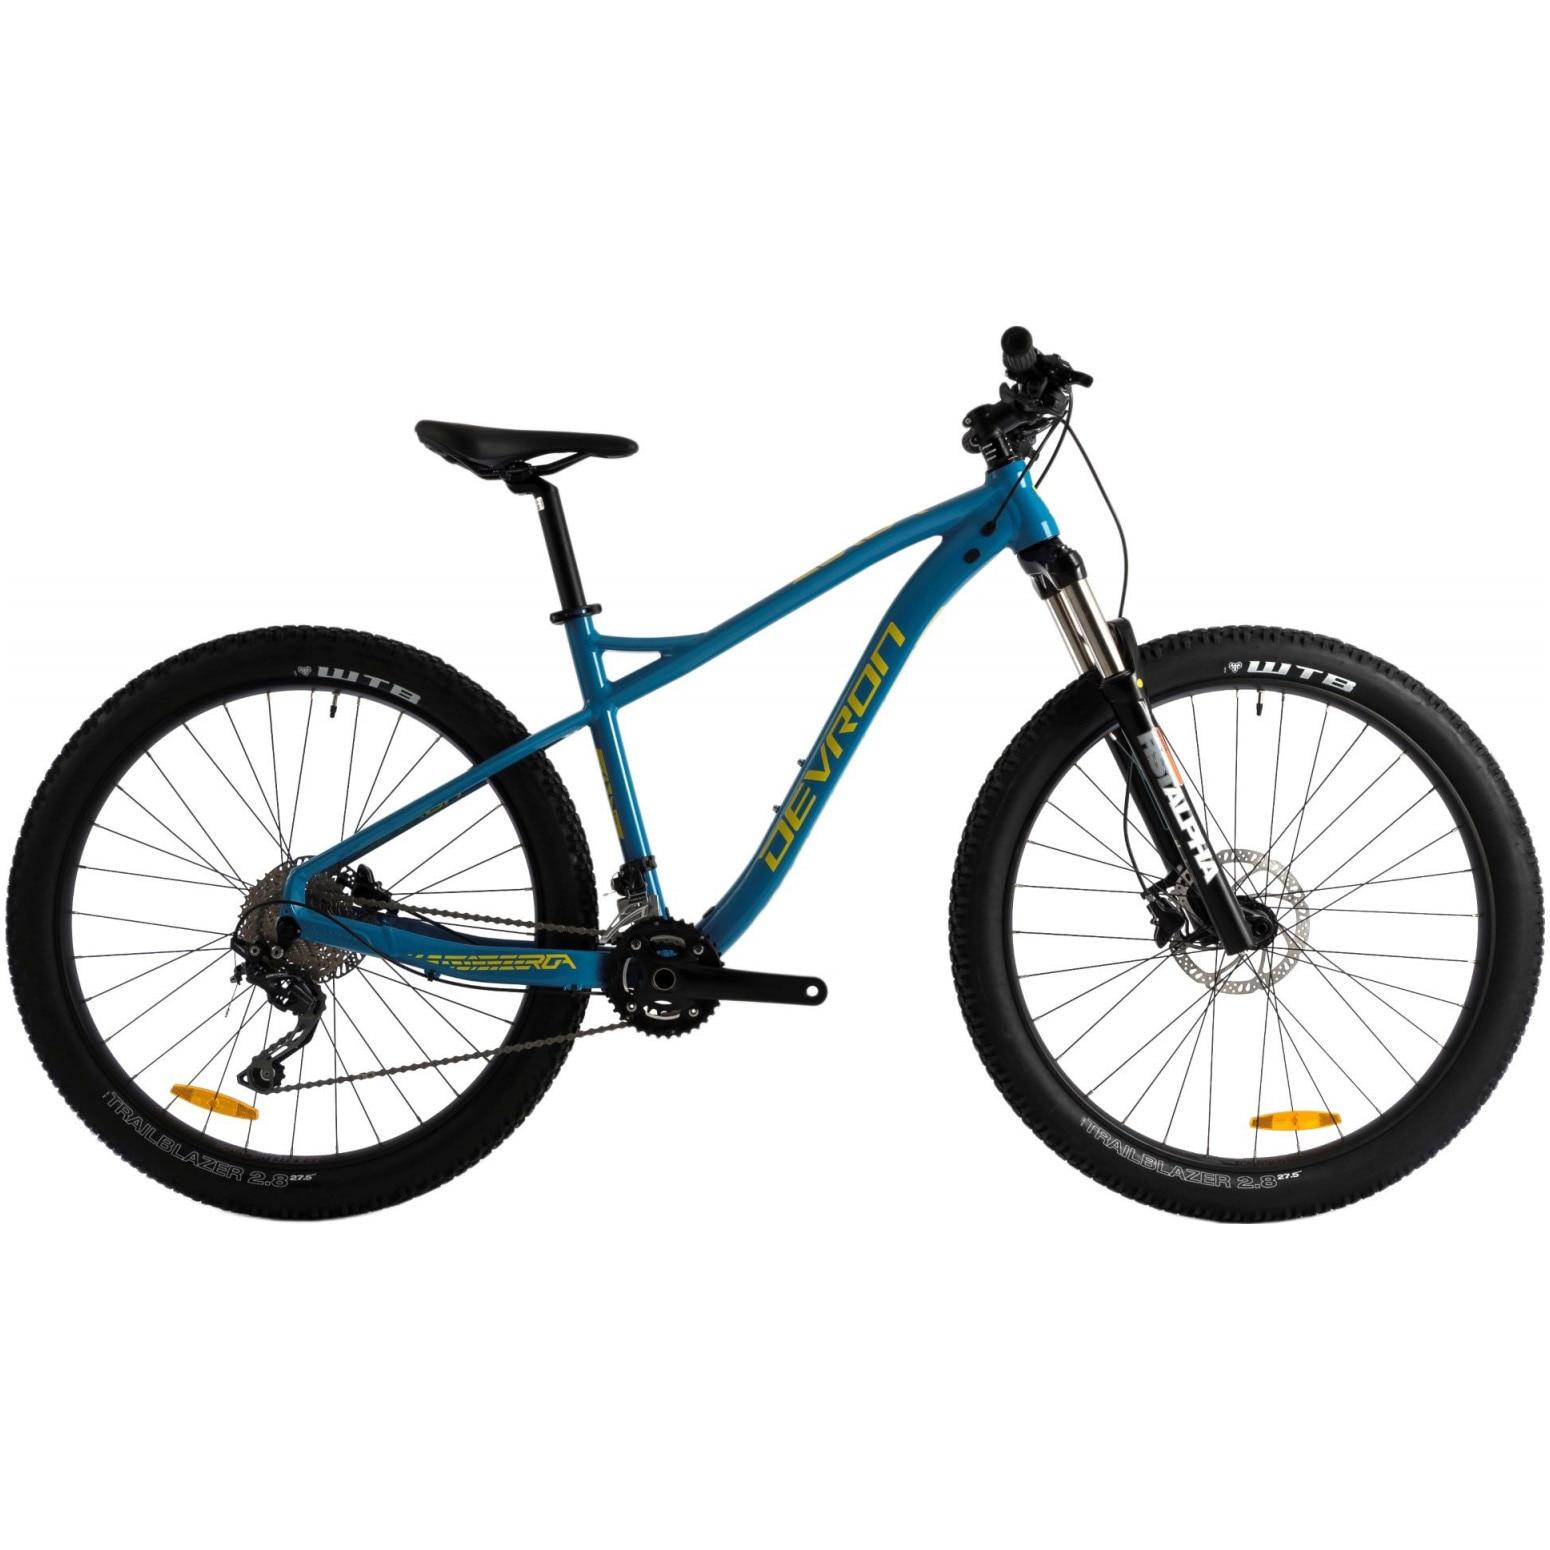 Fotografie Bicicleta Mtb Devron Zerga Uni 1.7 - 27.5 Inch, M, Albastru